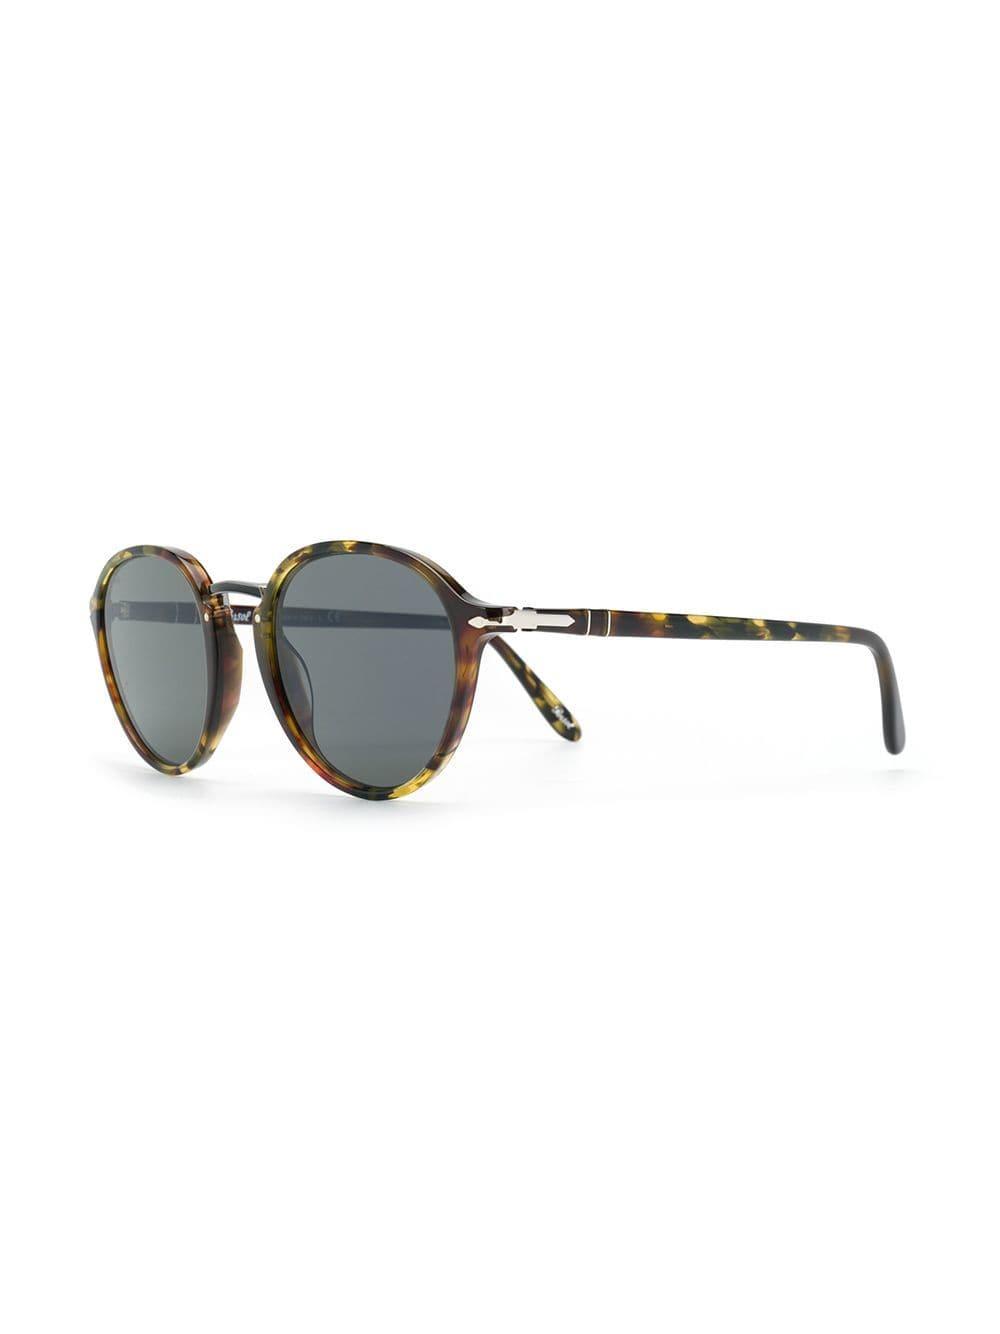 f1409e3274 Persol Round Sunglasses in Brown - Lyst